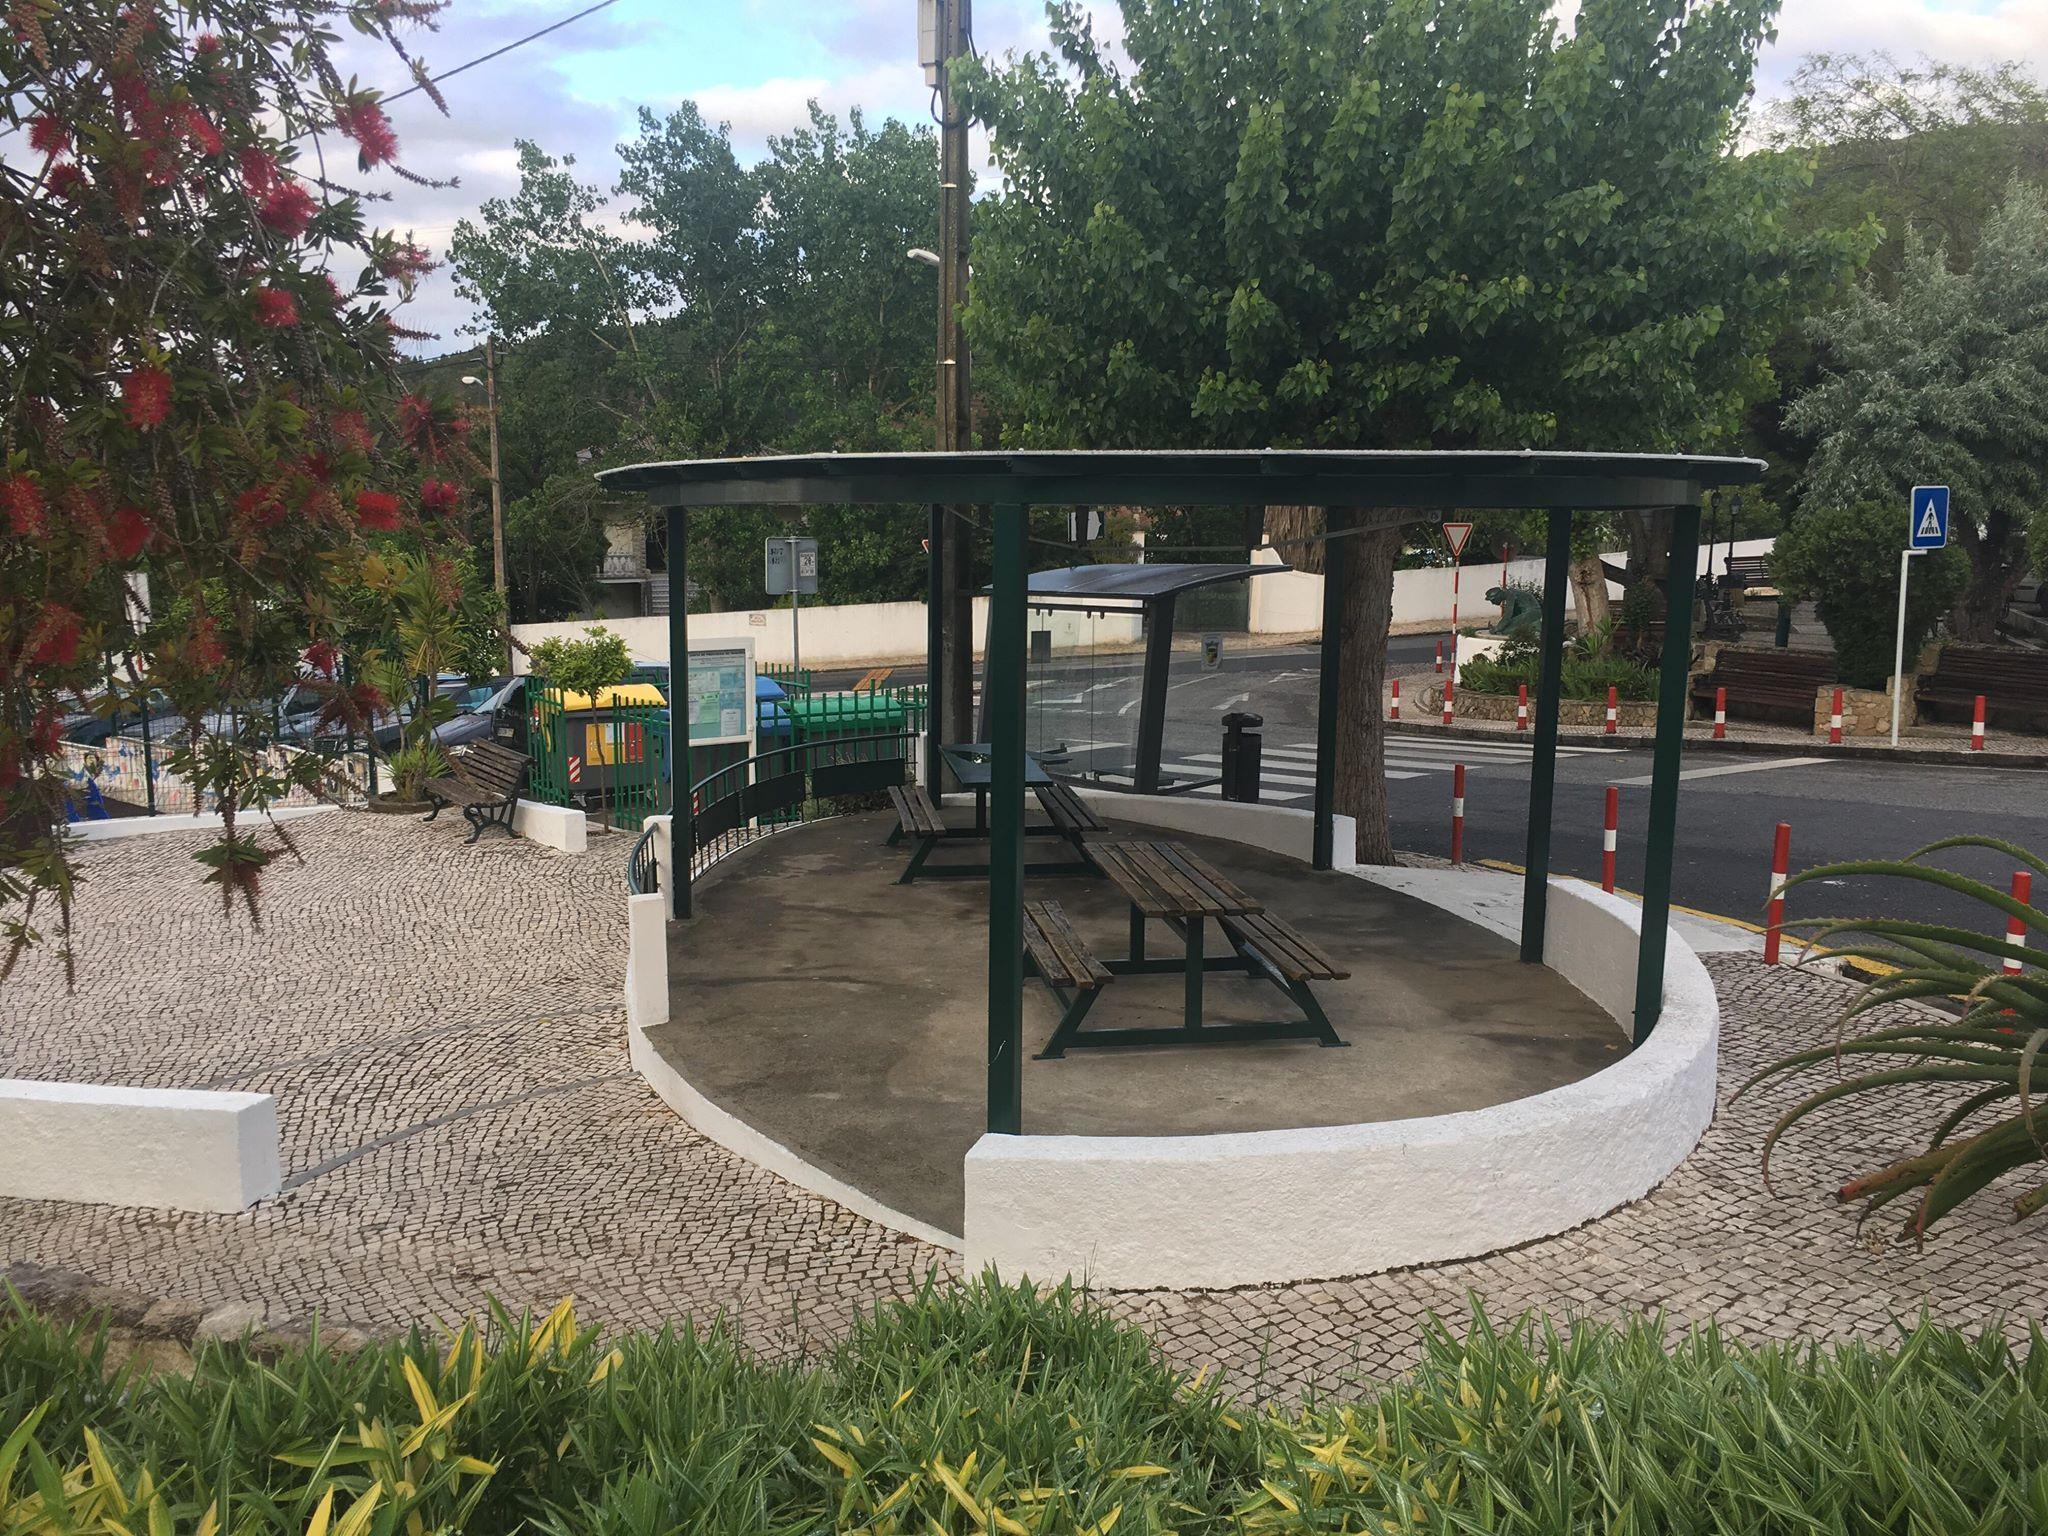 FANHÕES -(f) Concluída a Pergola do Jardim dos Bombeiros Voluntários de Fanhões criando um novo espaço de lazer!